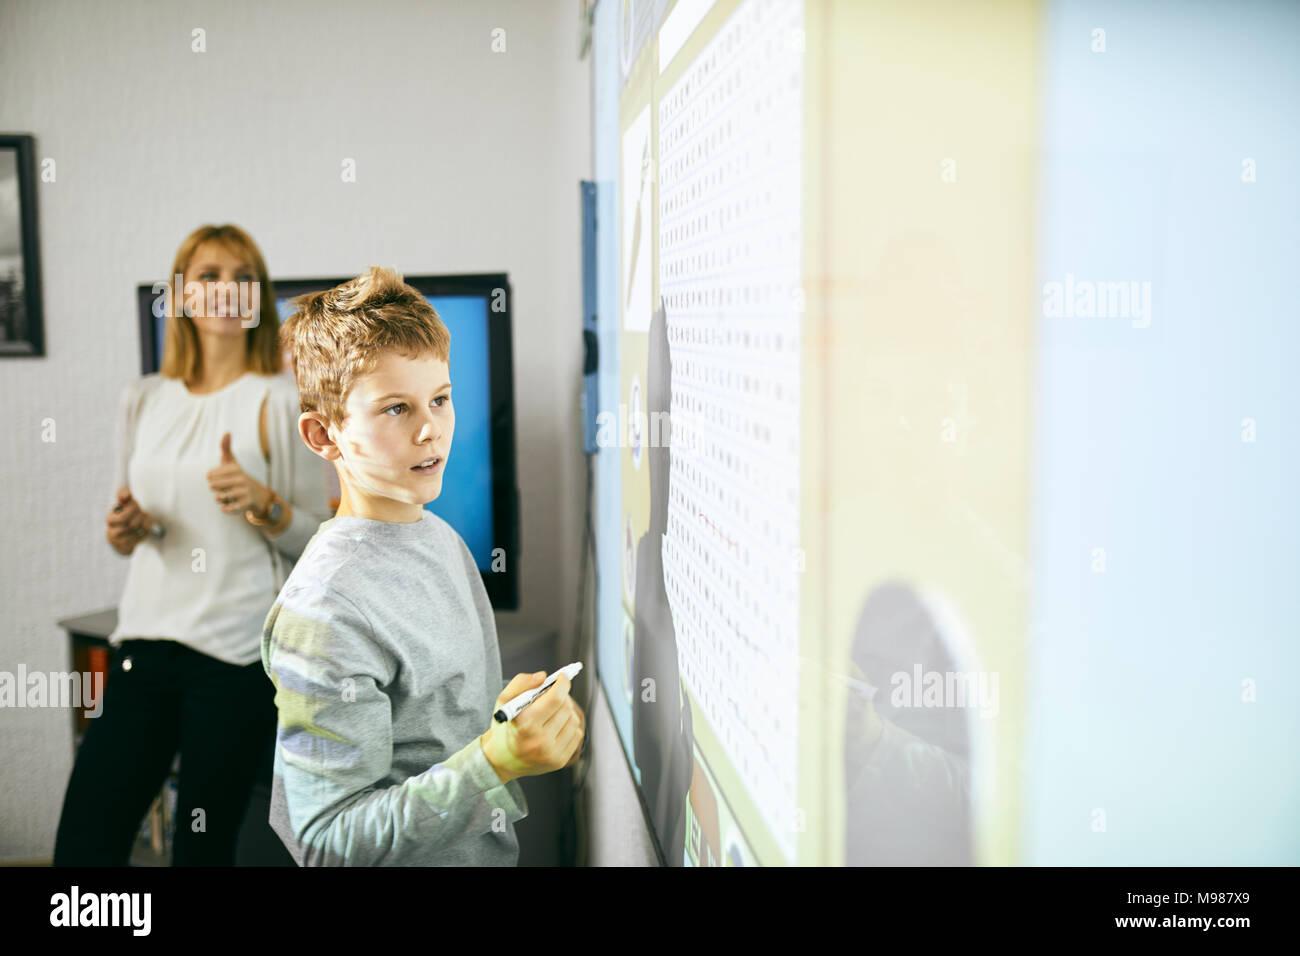 Studente in classe alla lavagna interattiva con insegnante in background Immagini Stock